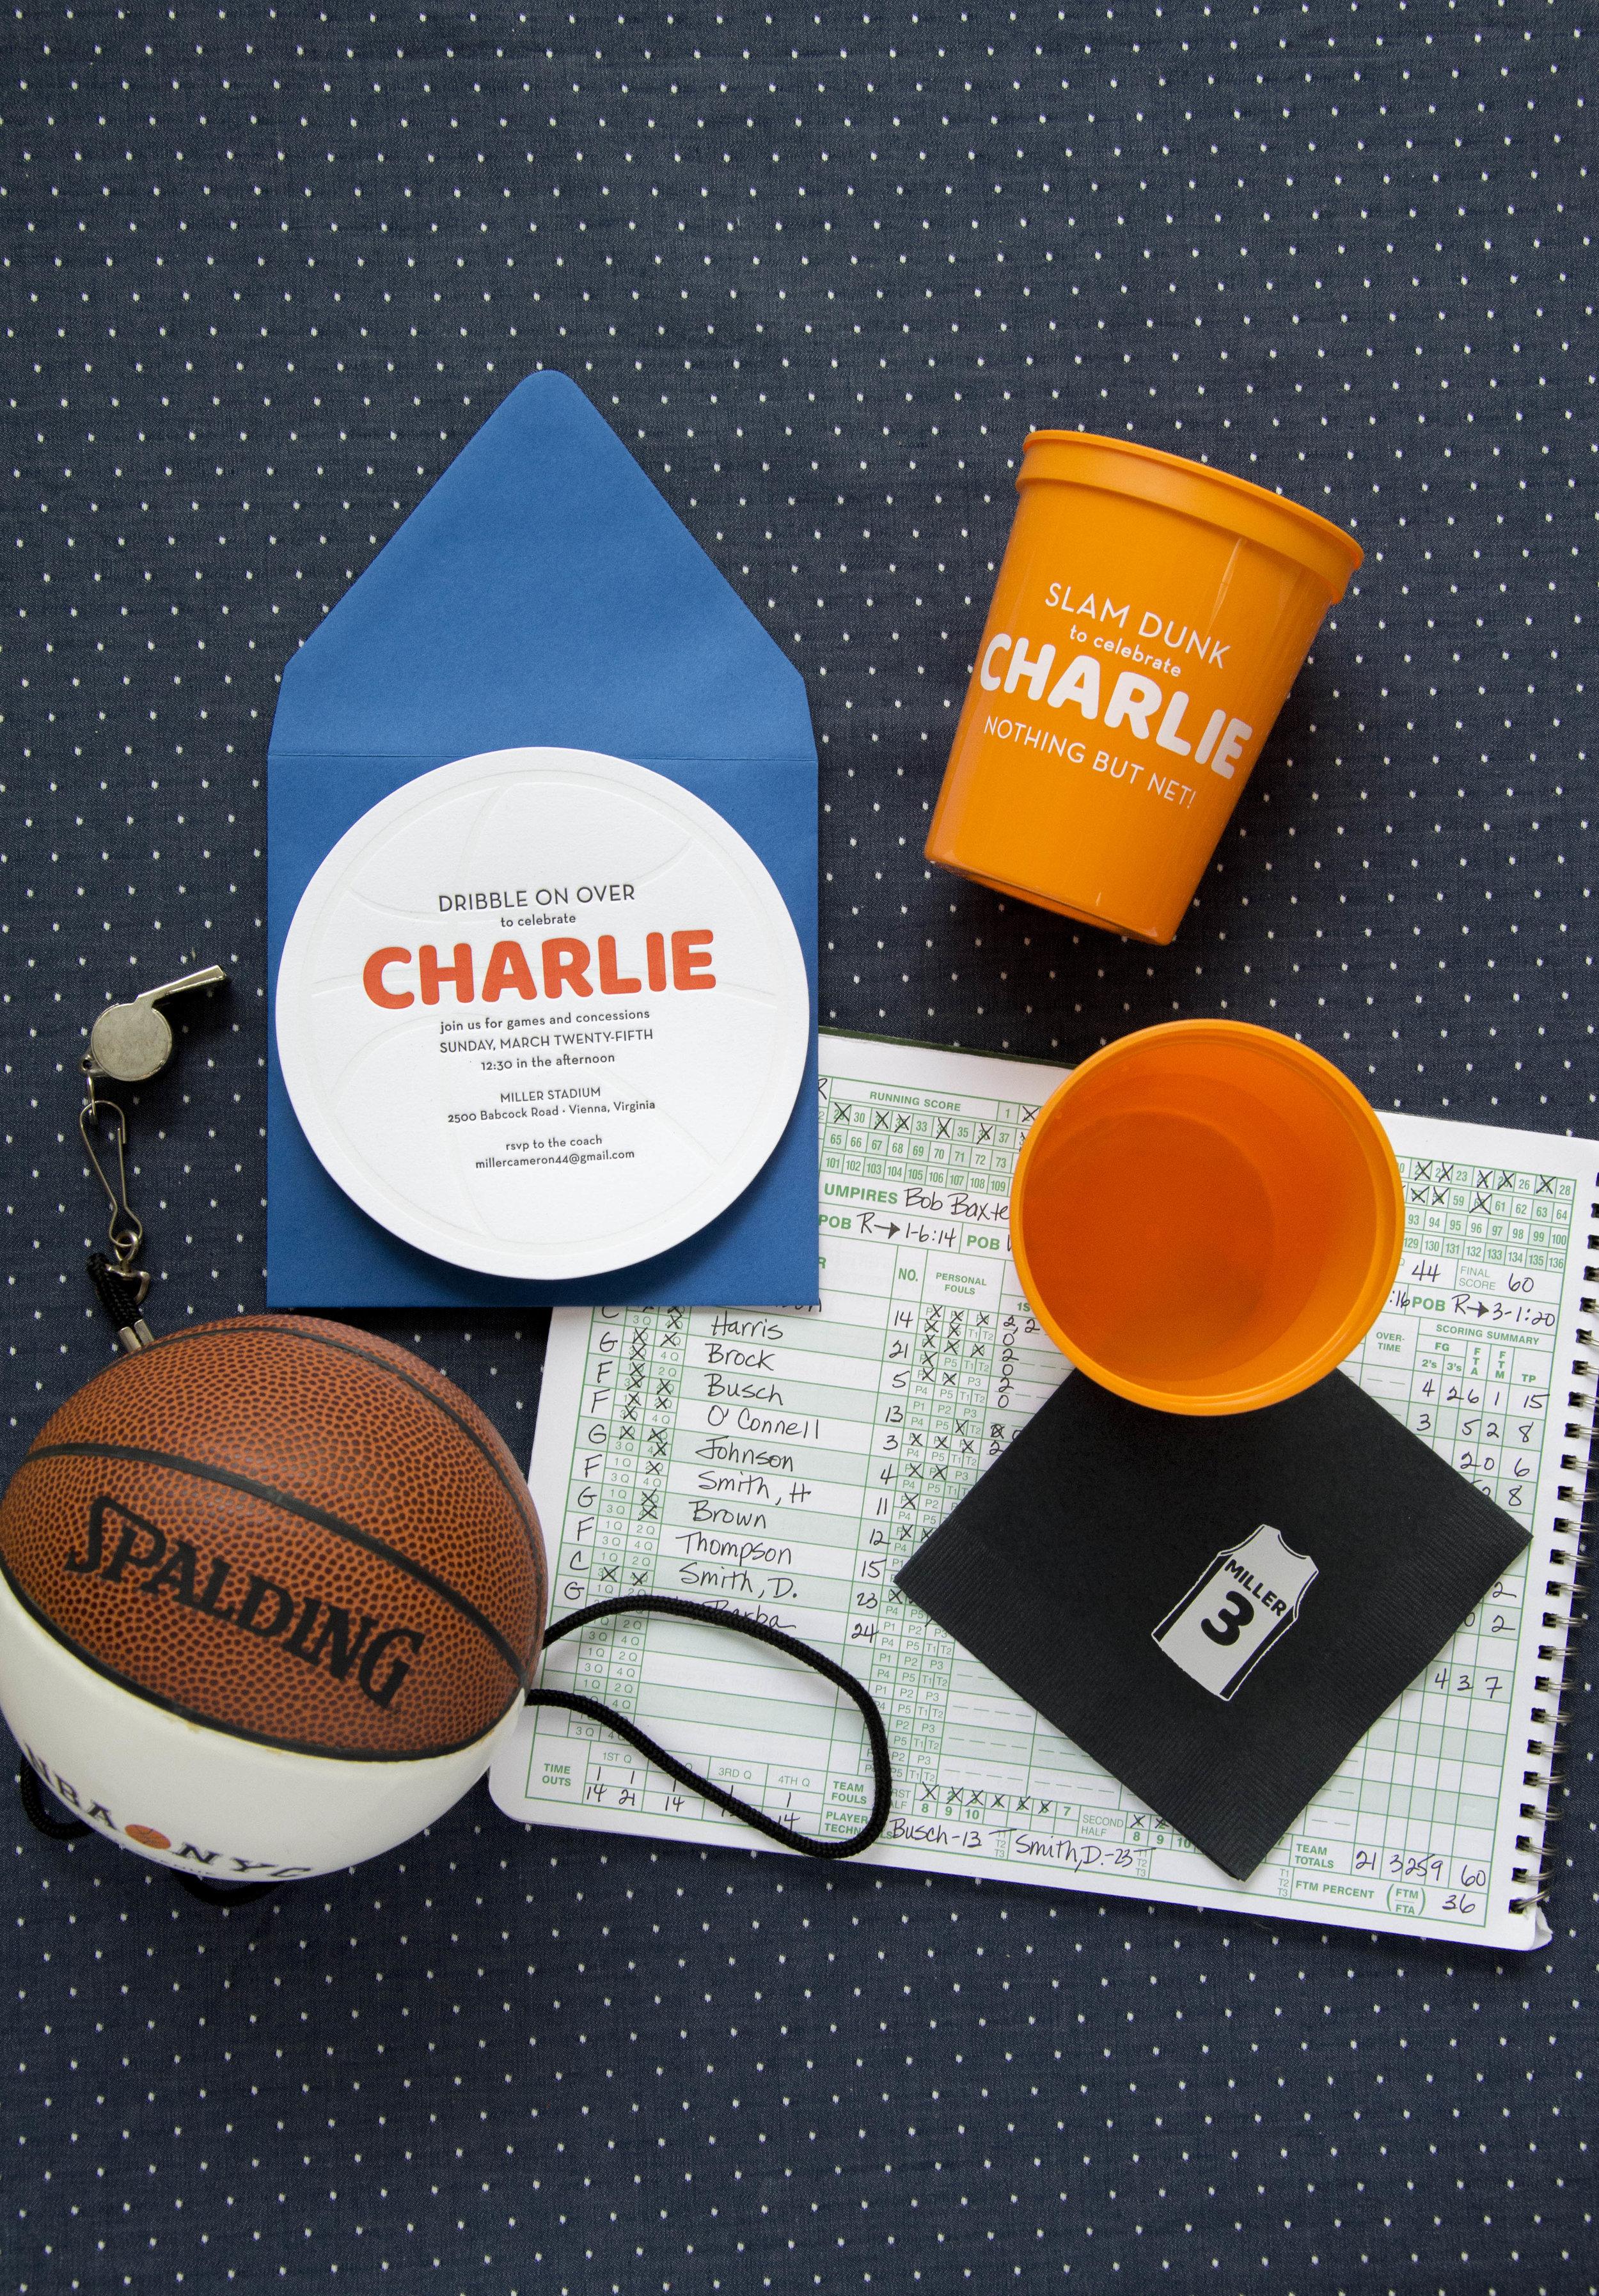 CB-87_Stylized_Basketball_HautePapier.JPG